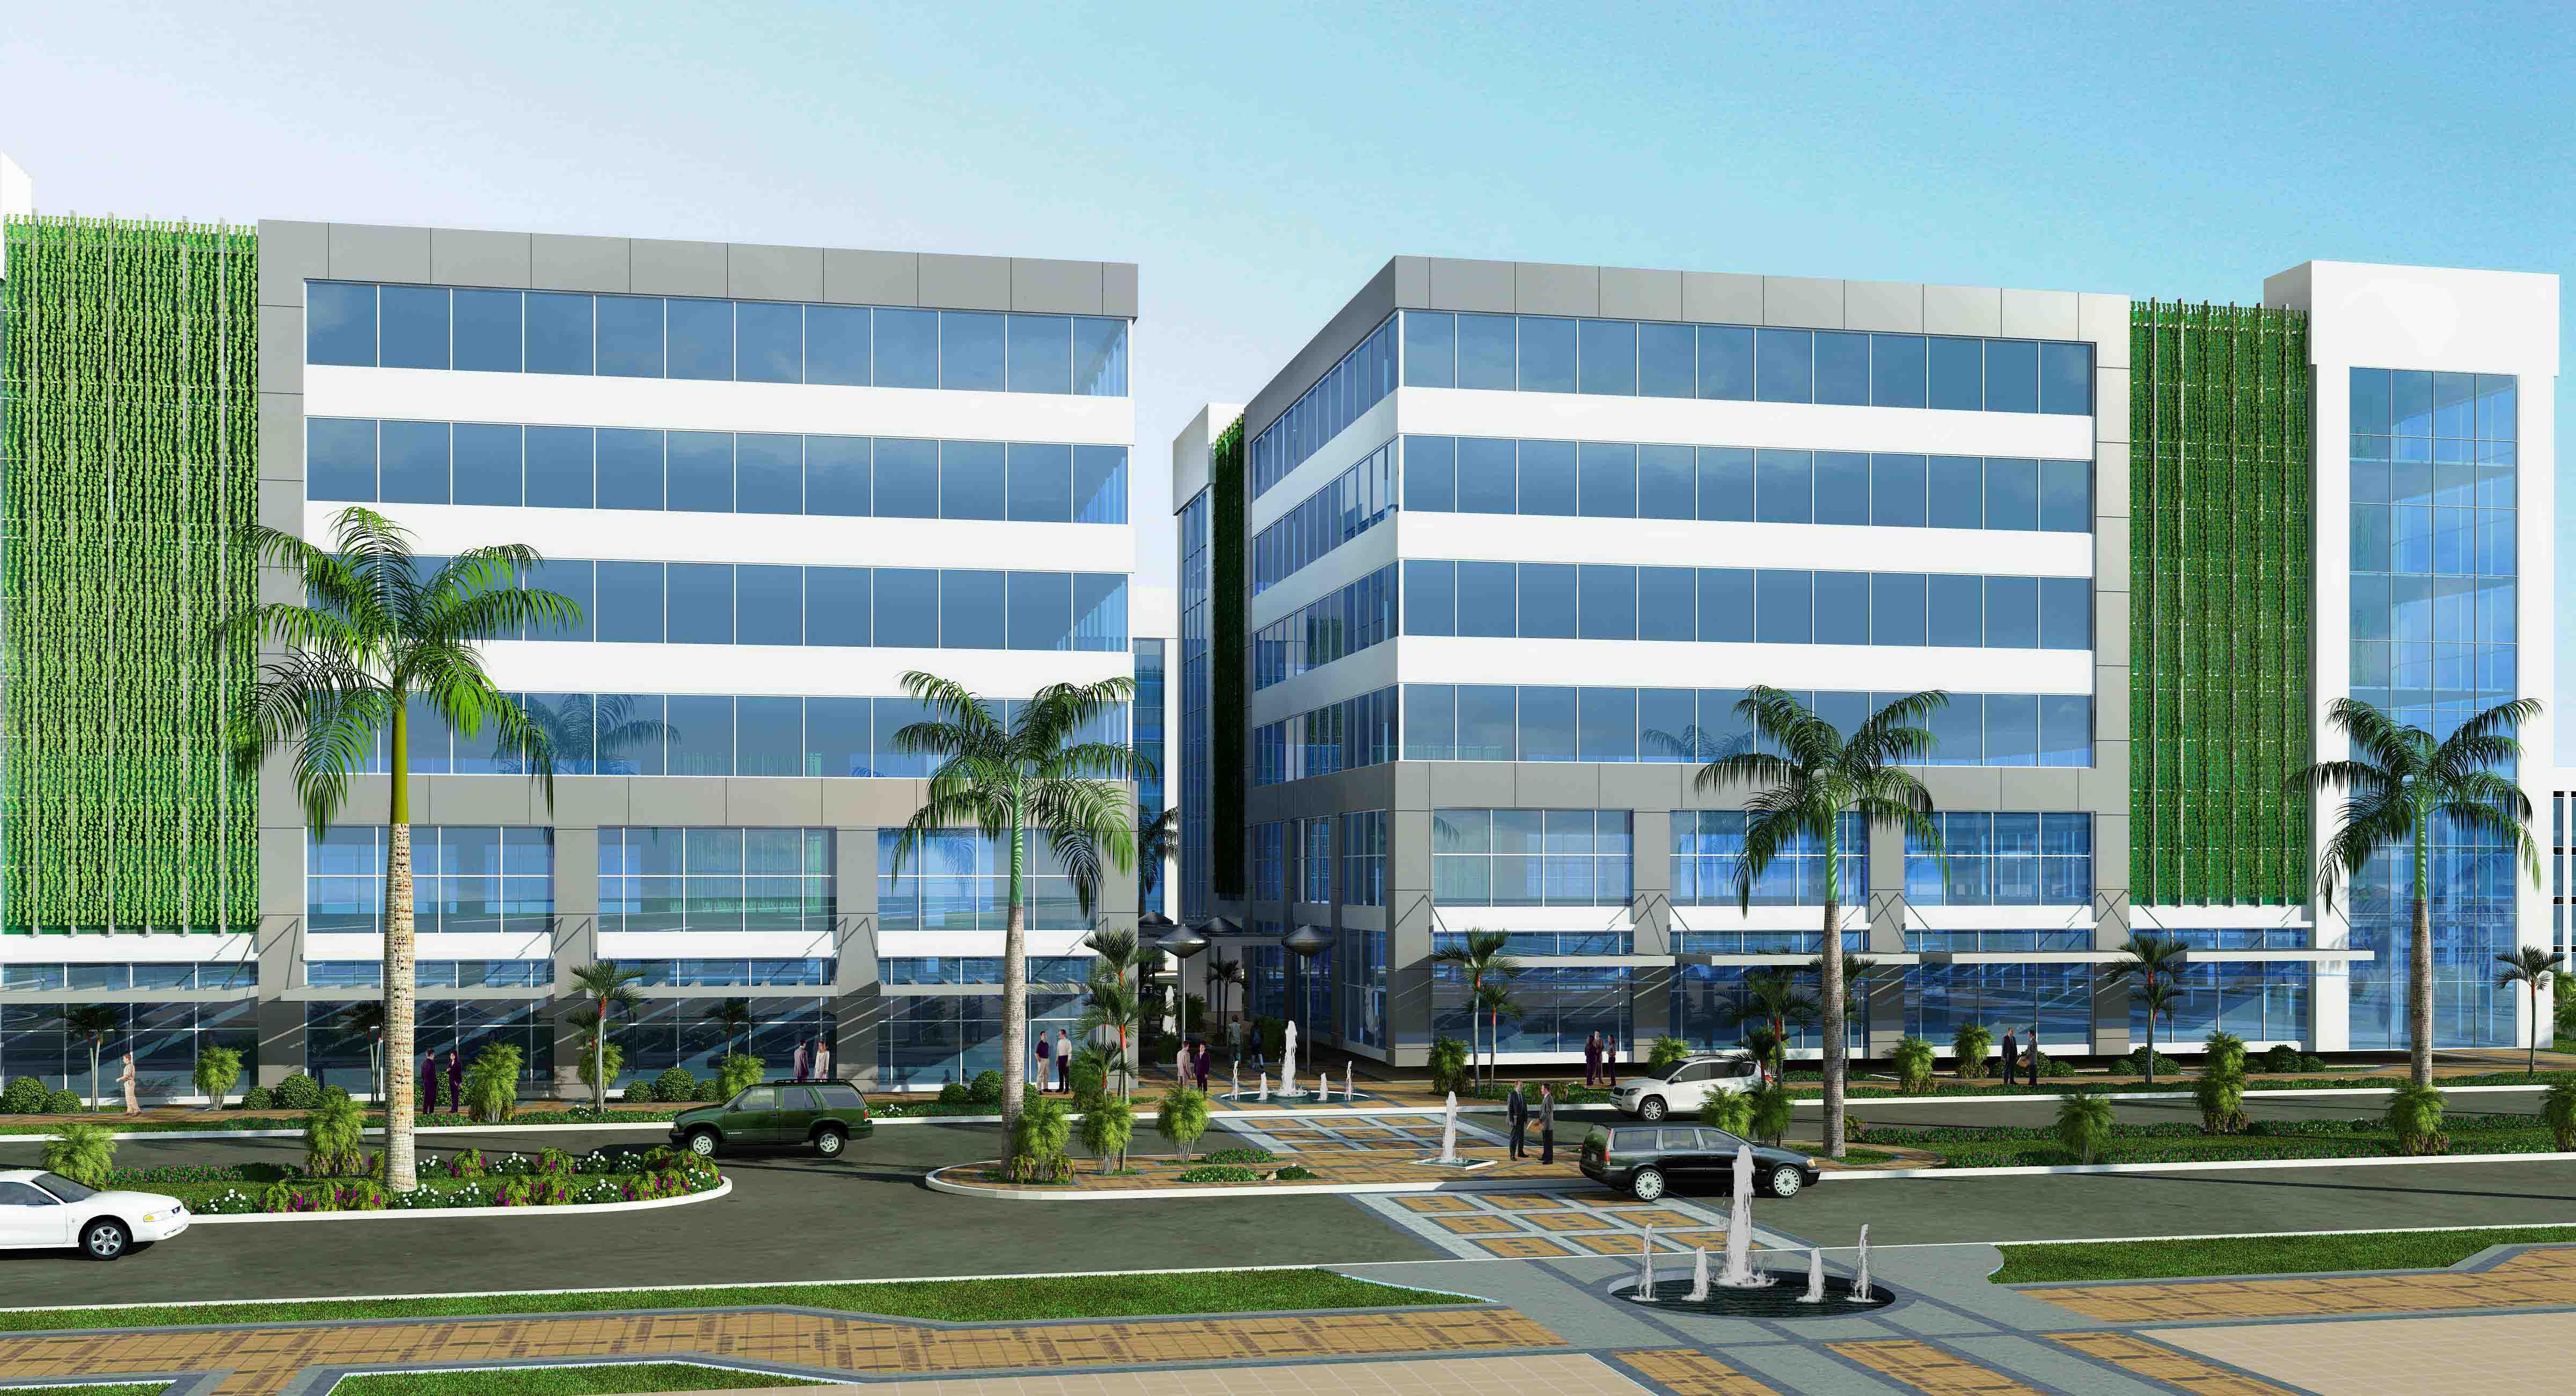 Invierten US$100 millones en campus corporativo frente al aeropuerto de Tocumen en Panamá